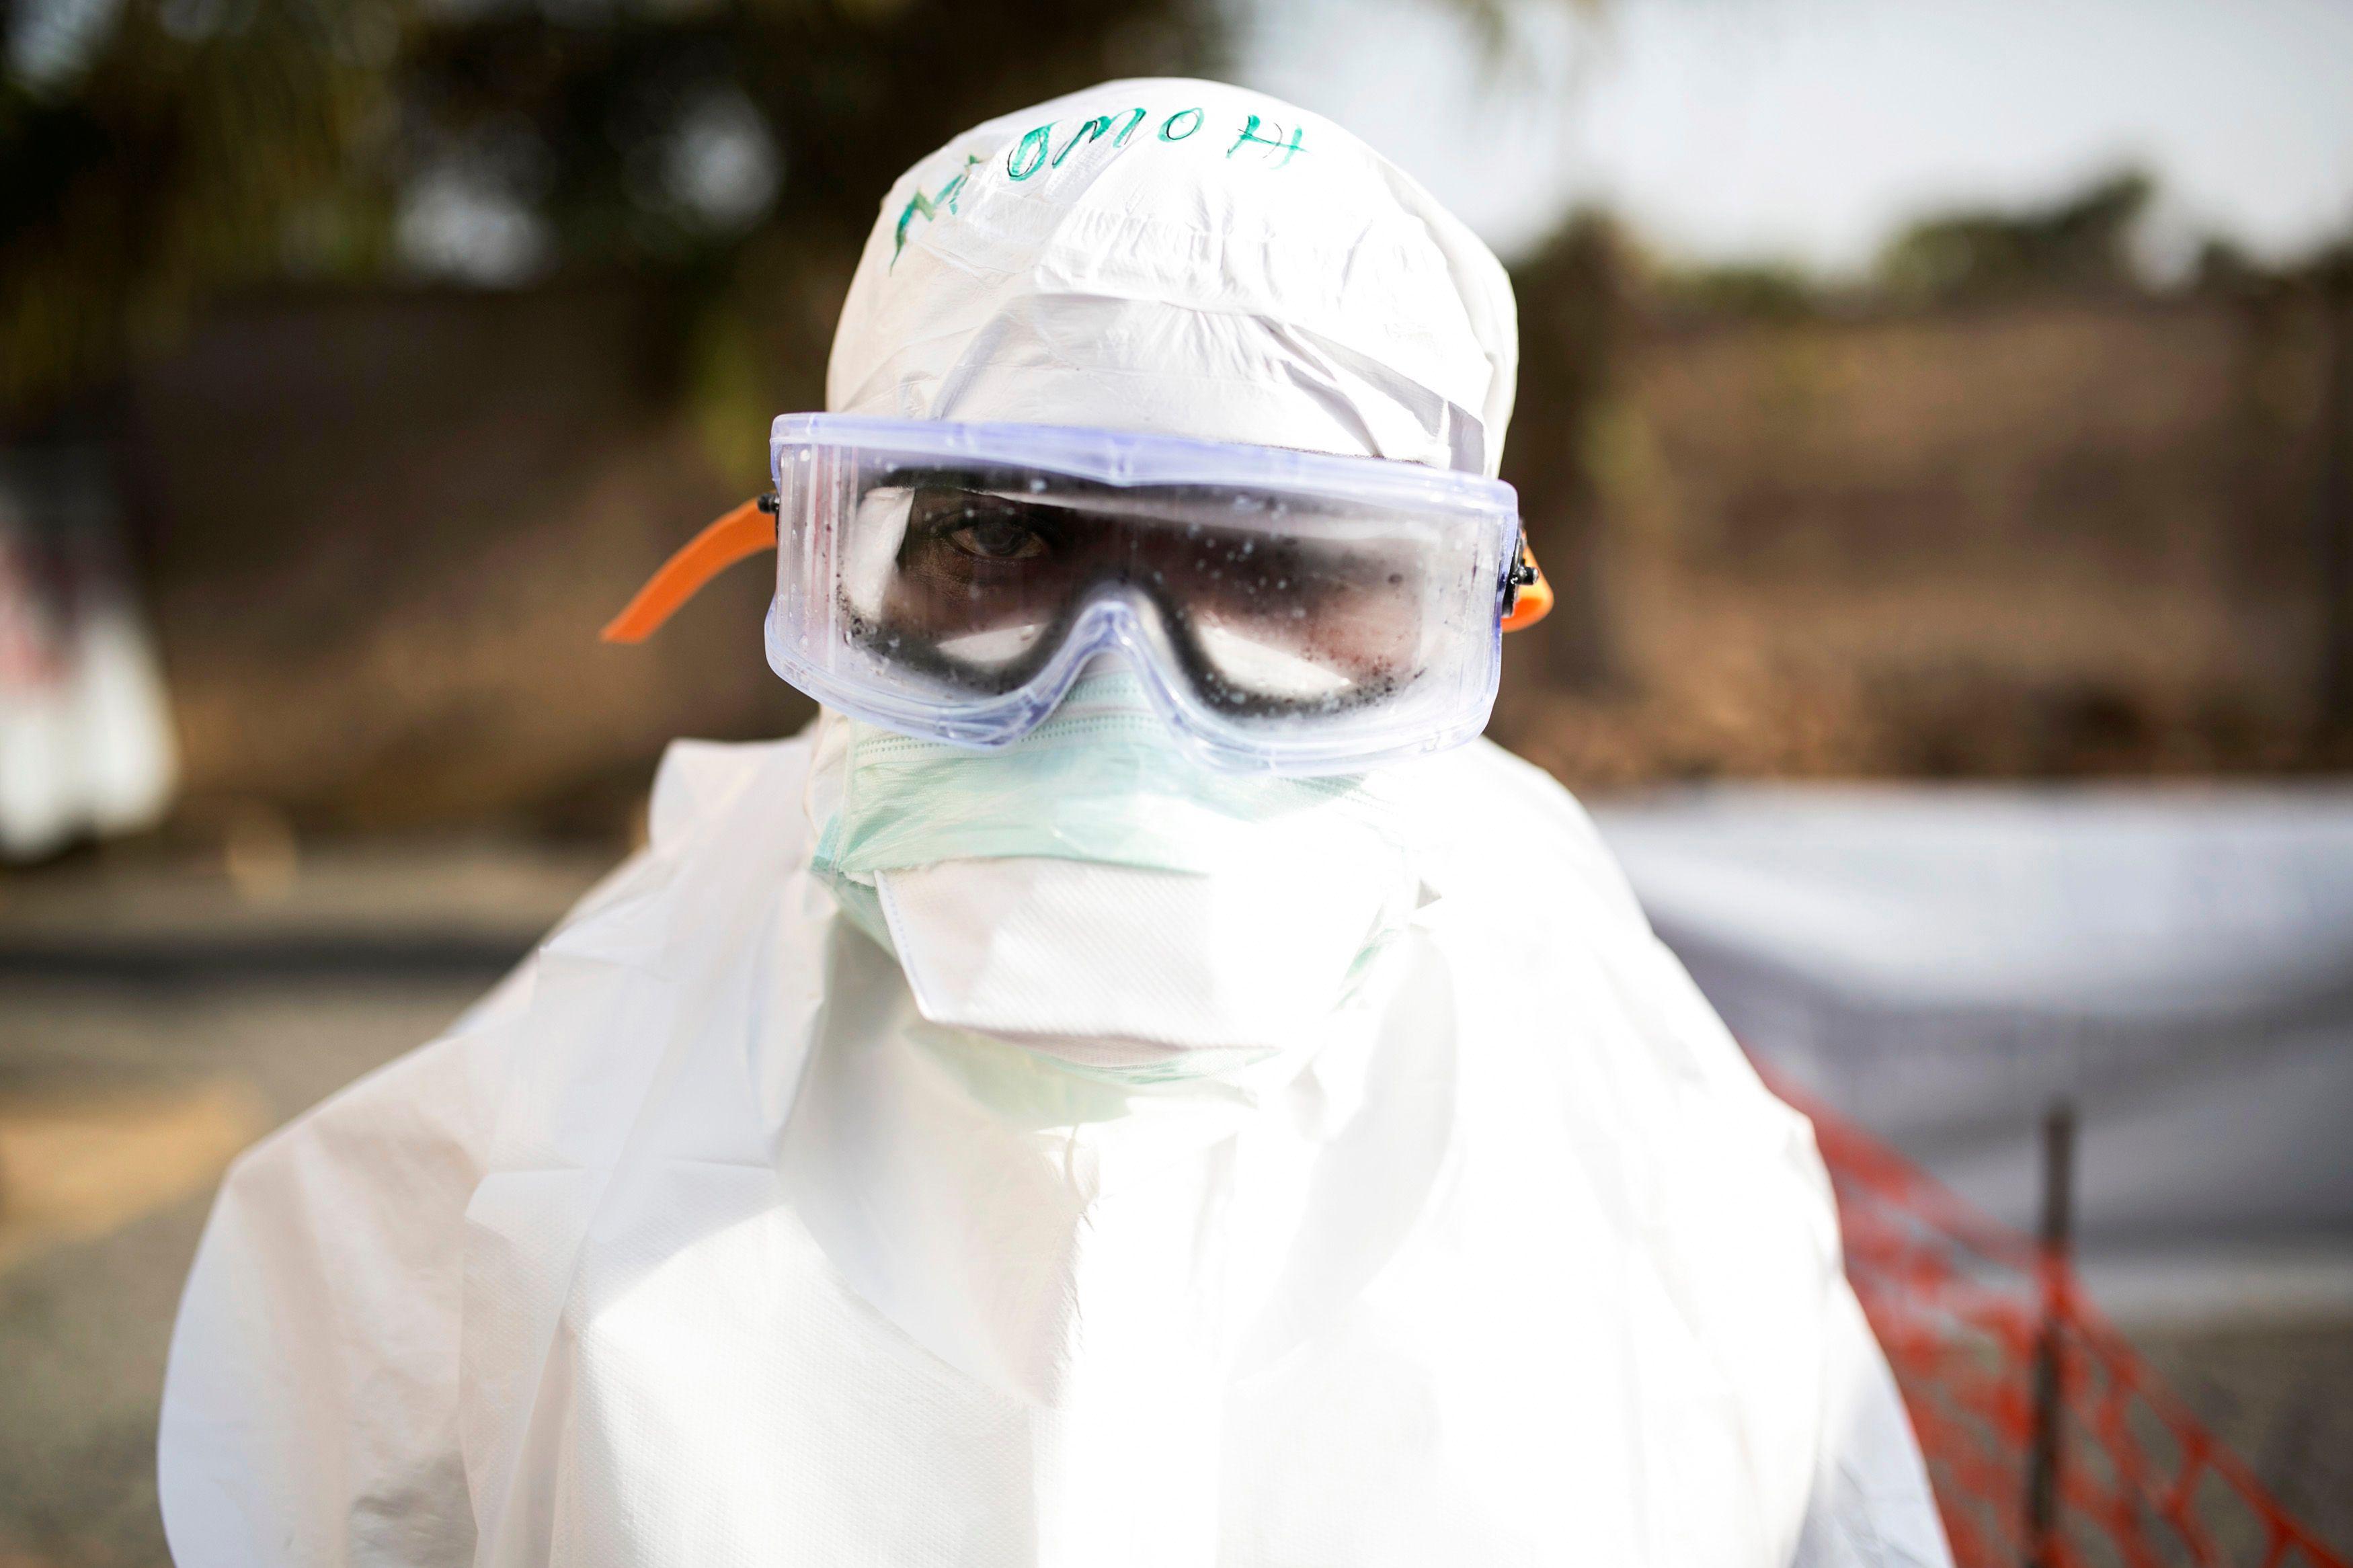 Ebola : nouveau cas détecté en Sierra Leone alors que l'OMS venait d'annoncer la fin de l'épidémie